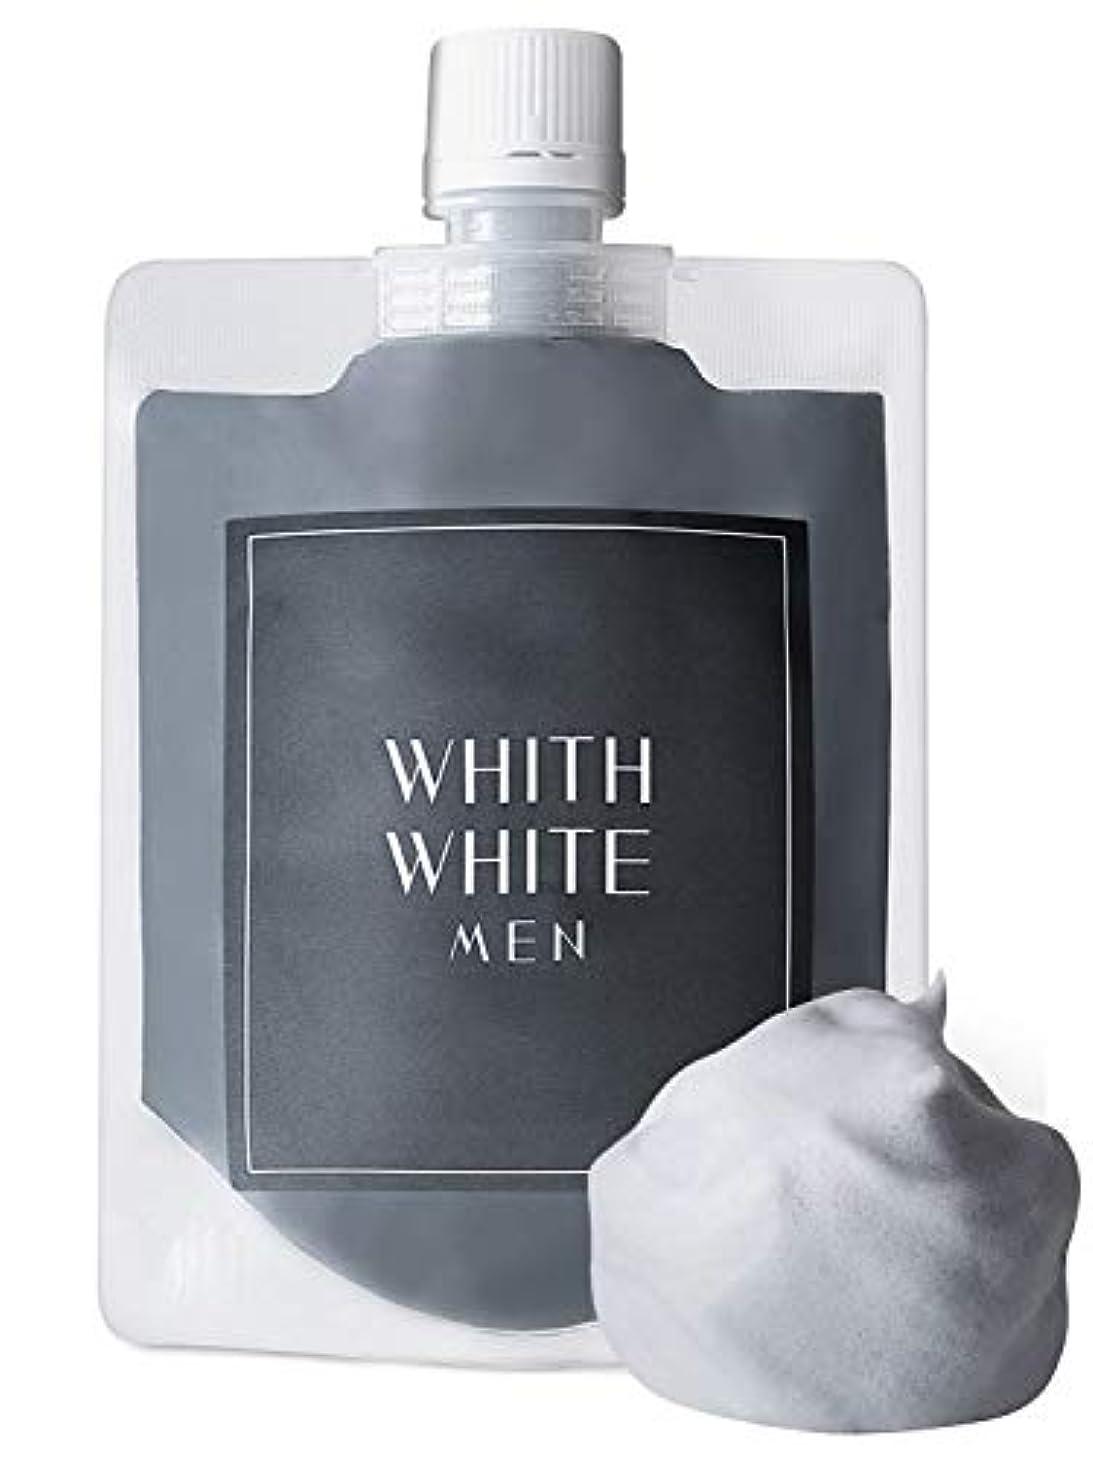 オフェンス記念碑的な麻酔薬フィス ホワイト メンズ 泥 洗顔 ネット 付き 8つの 無添加 洗顔フォーム (炭 泡 クレイ で 顔 汚れ を 落とす) (日本製 洗顔料 130g リッチ セット)(どろ で 毛穴 を ごっそり 除去)